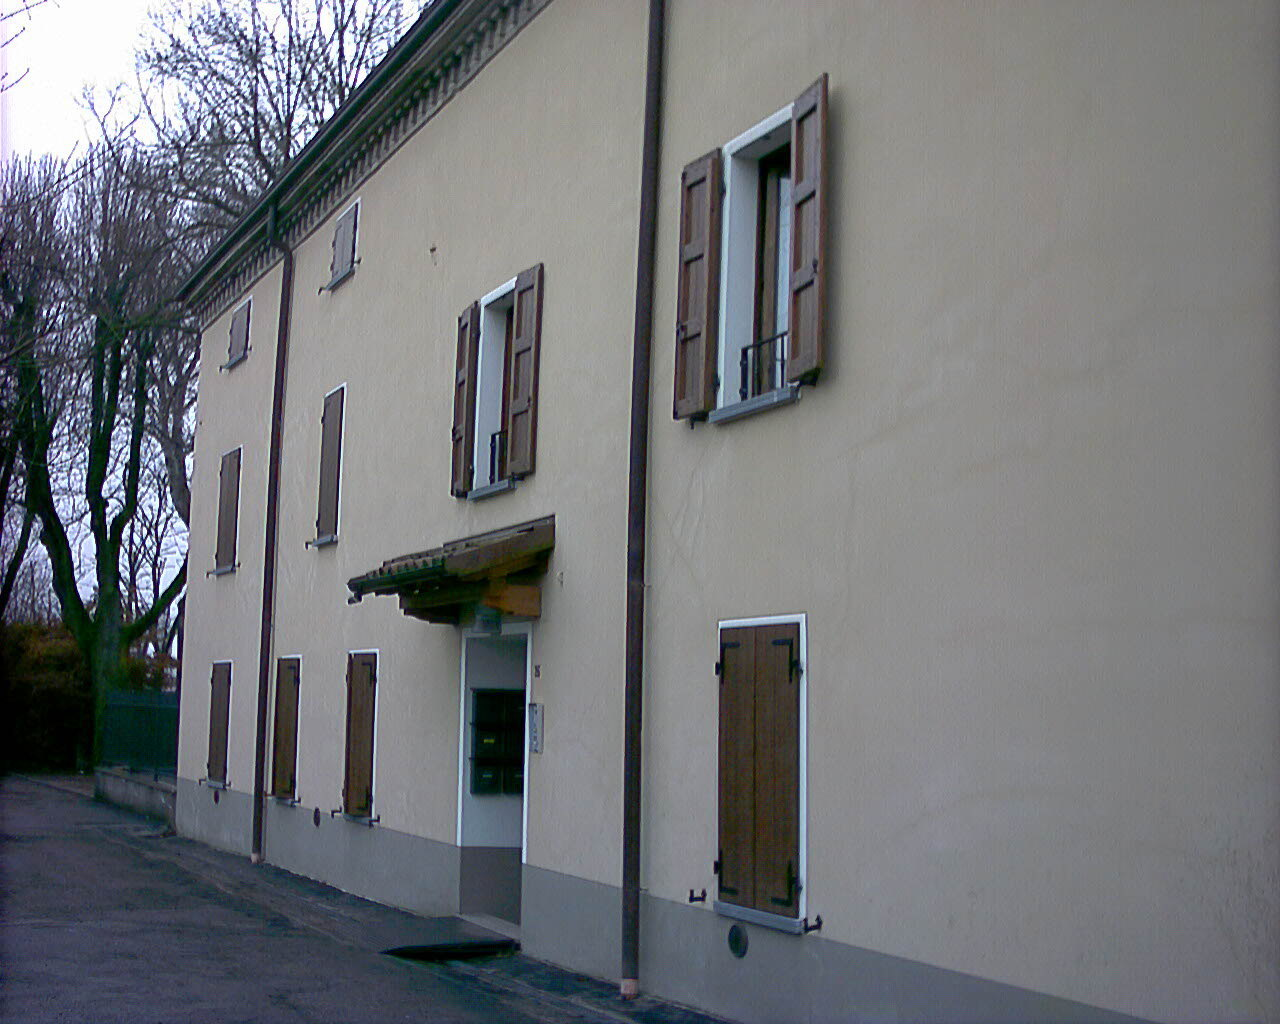 Bilocale Traversetolo Piazza Di Basilicanova Via Traversetolo  26 6